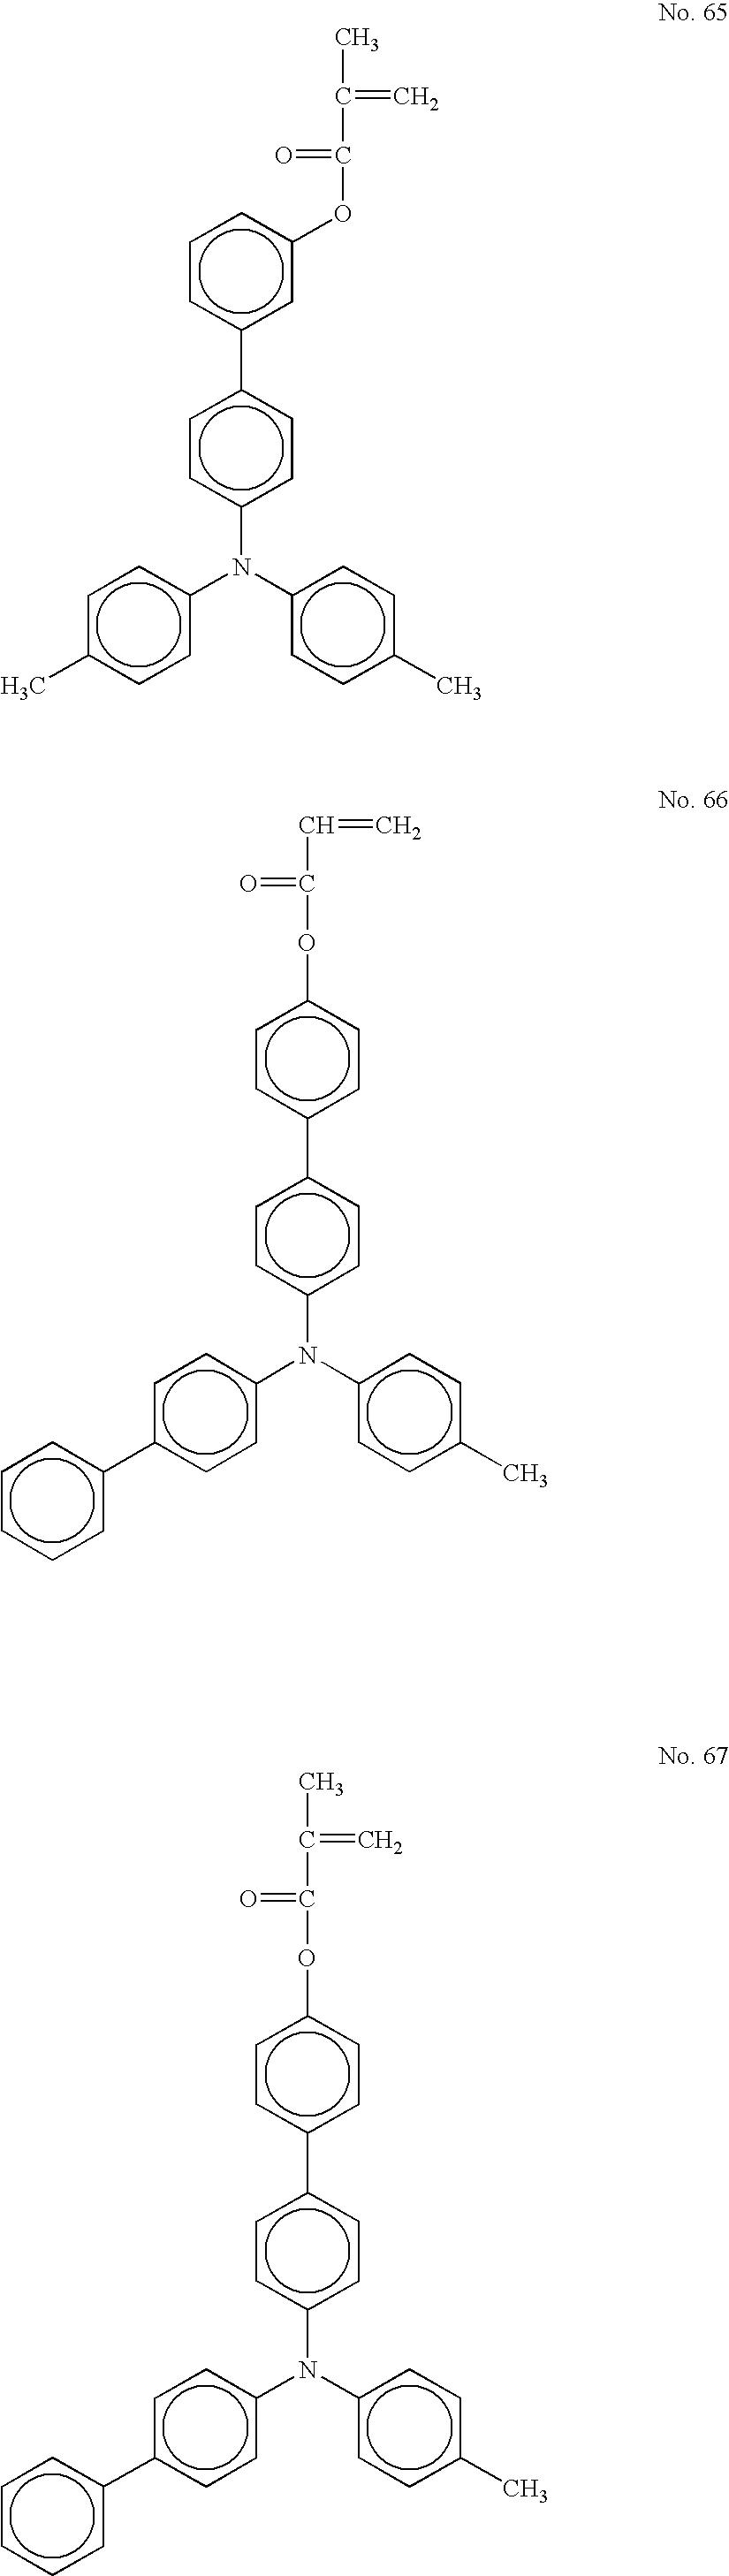 Figure US20060177749A1-20060810-C00038